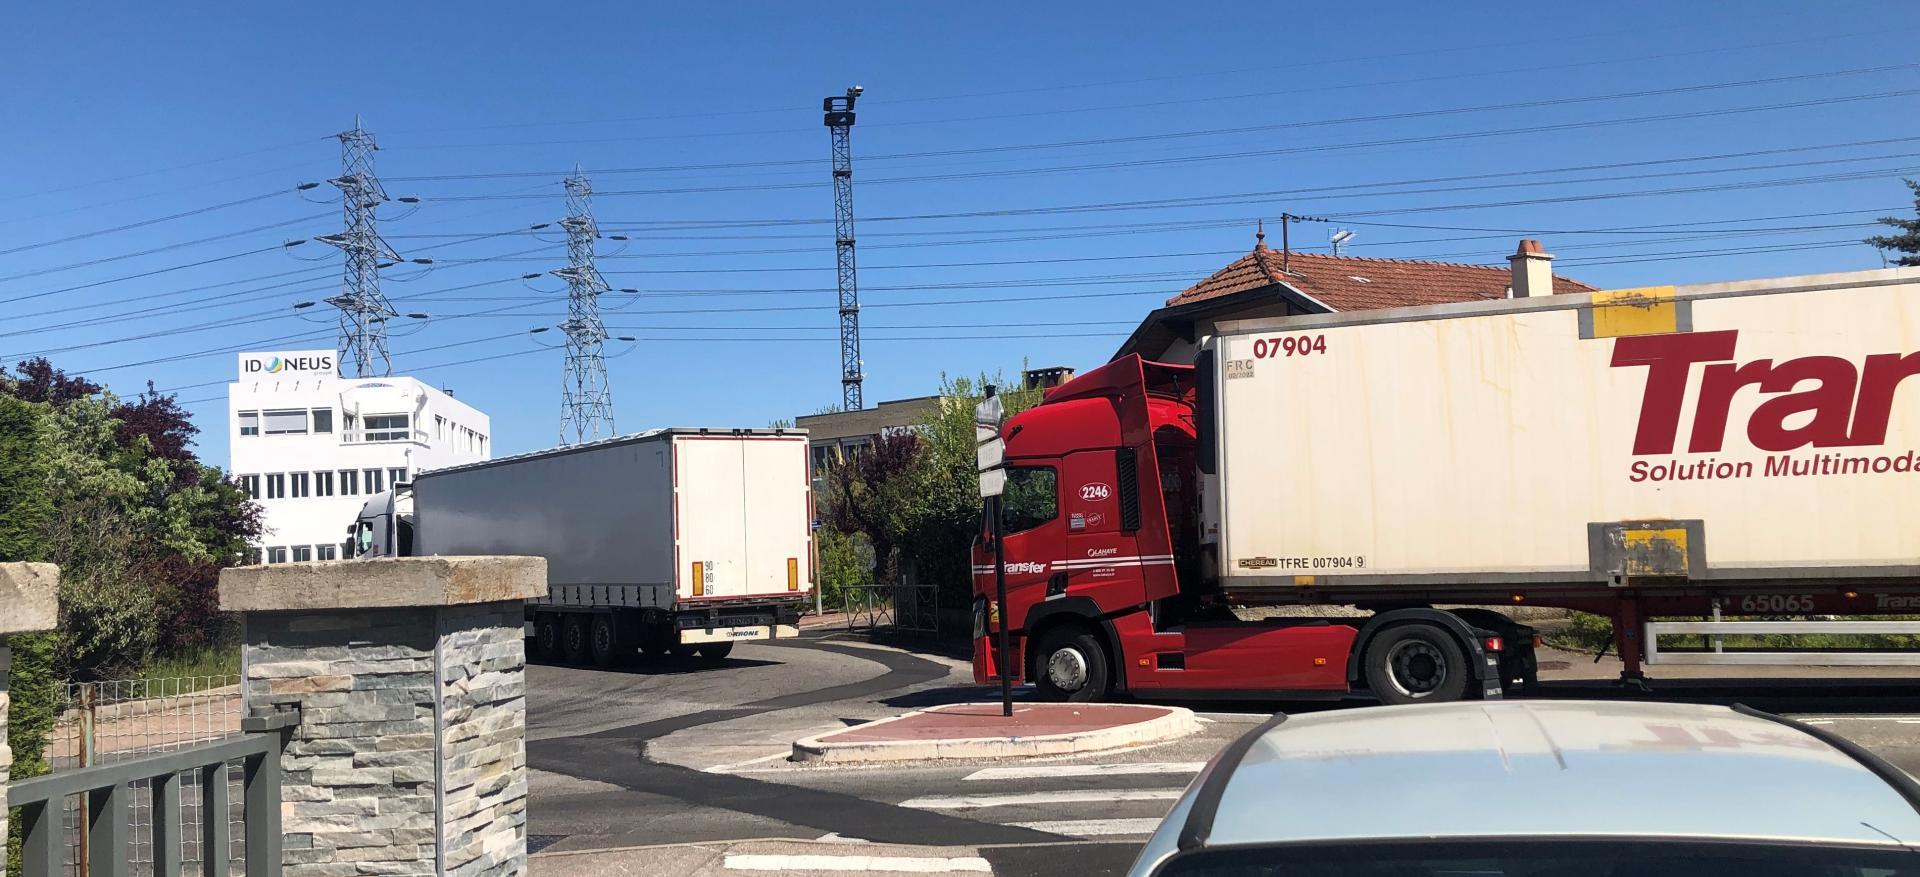 Double camions venissieux saoint priest naviland cargo